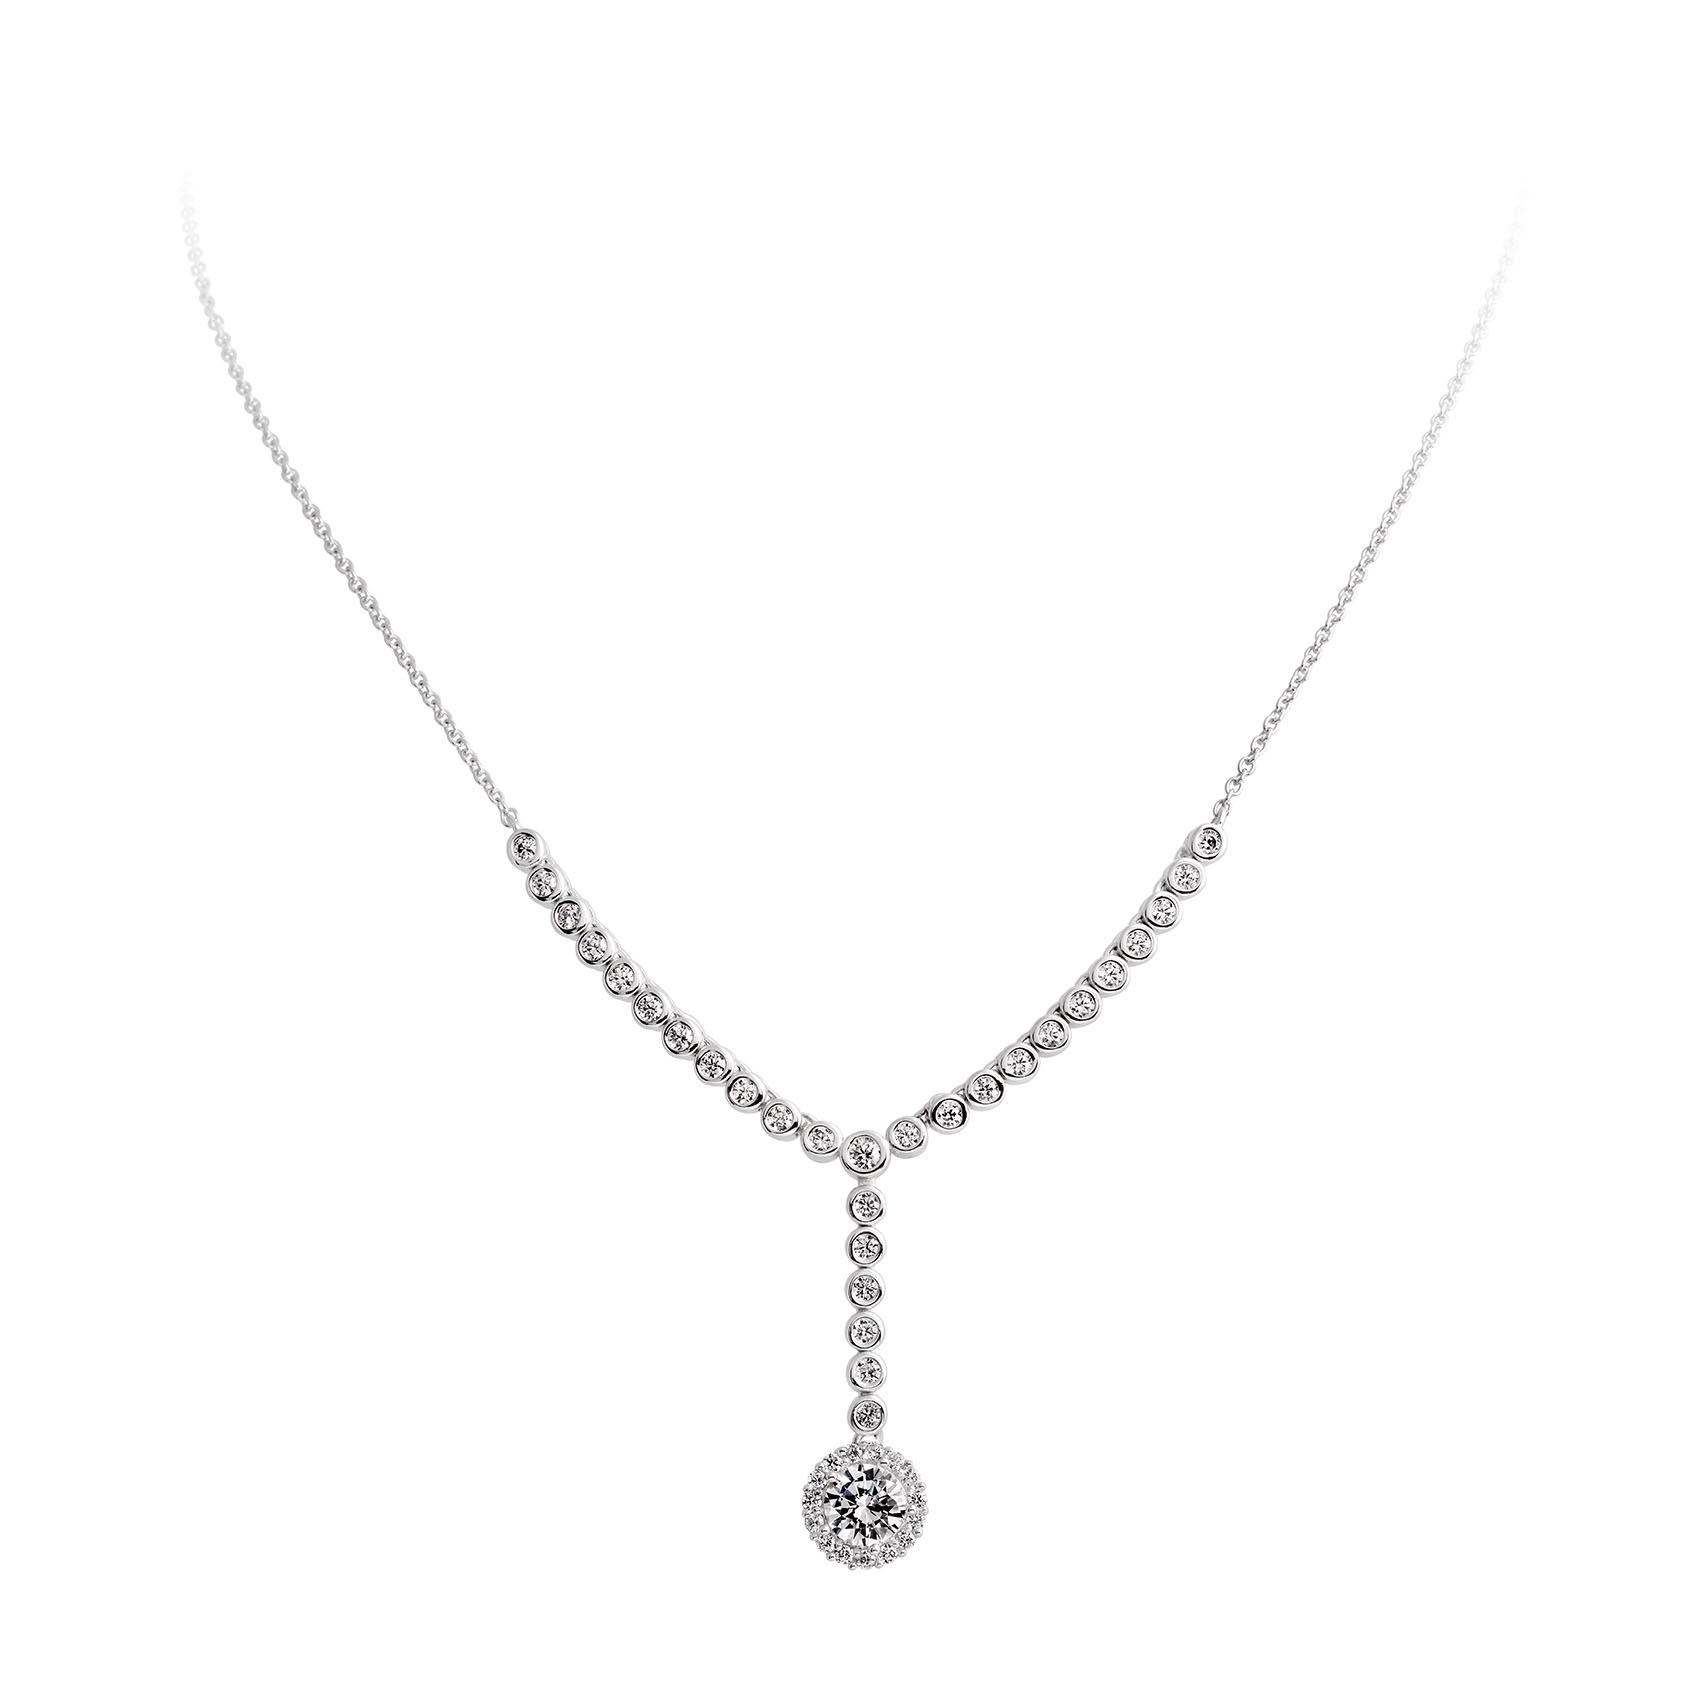 Zilveren Collier met Hanger 'Bridal' 45 cm lang. 803.0388.45